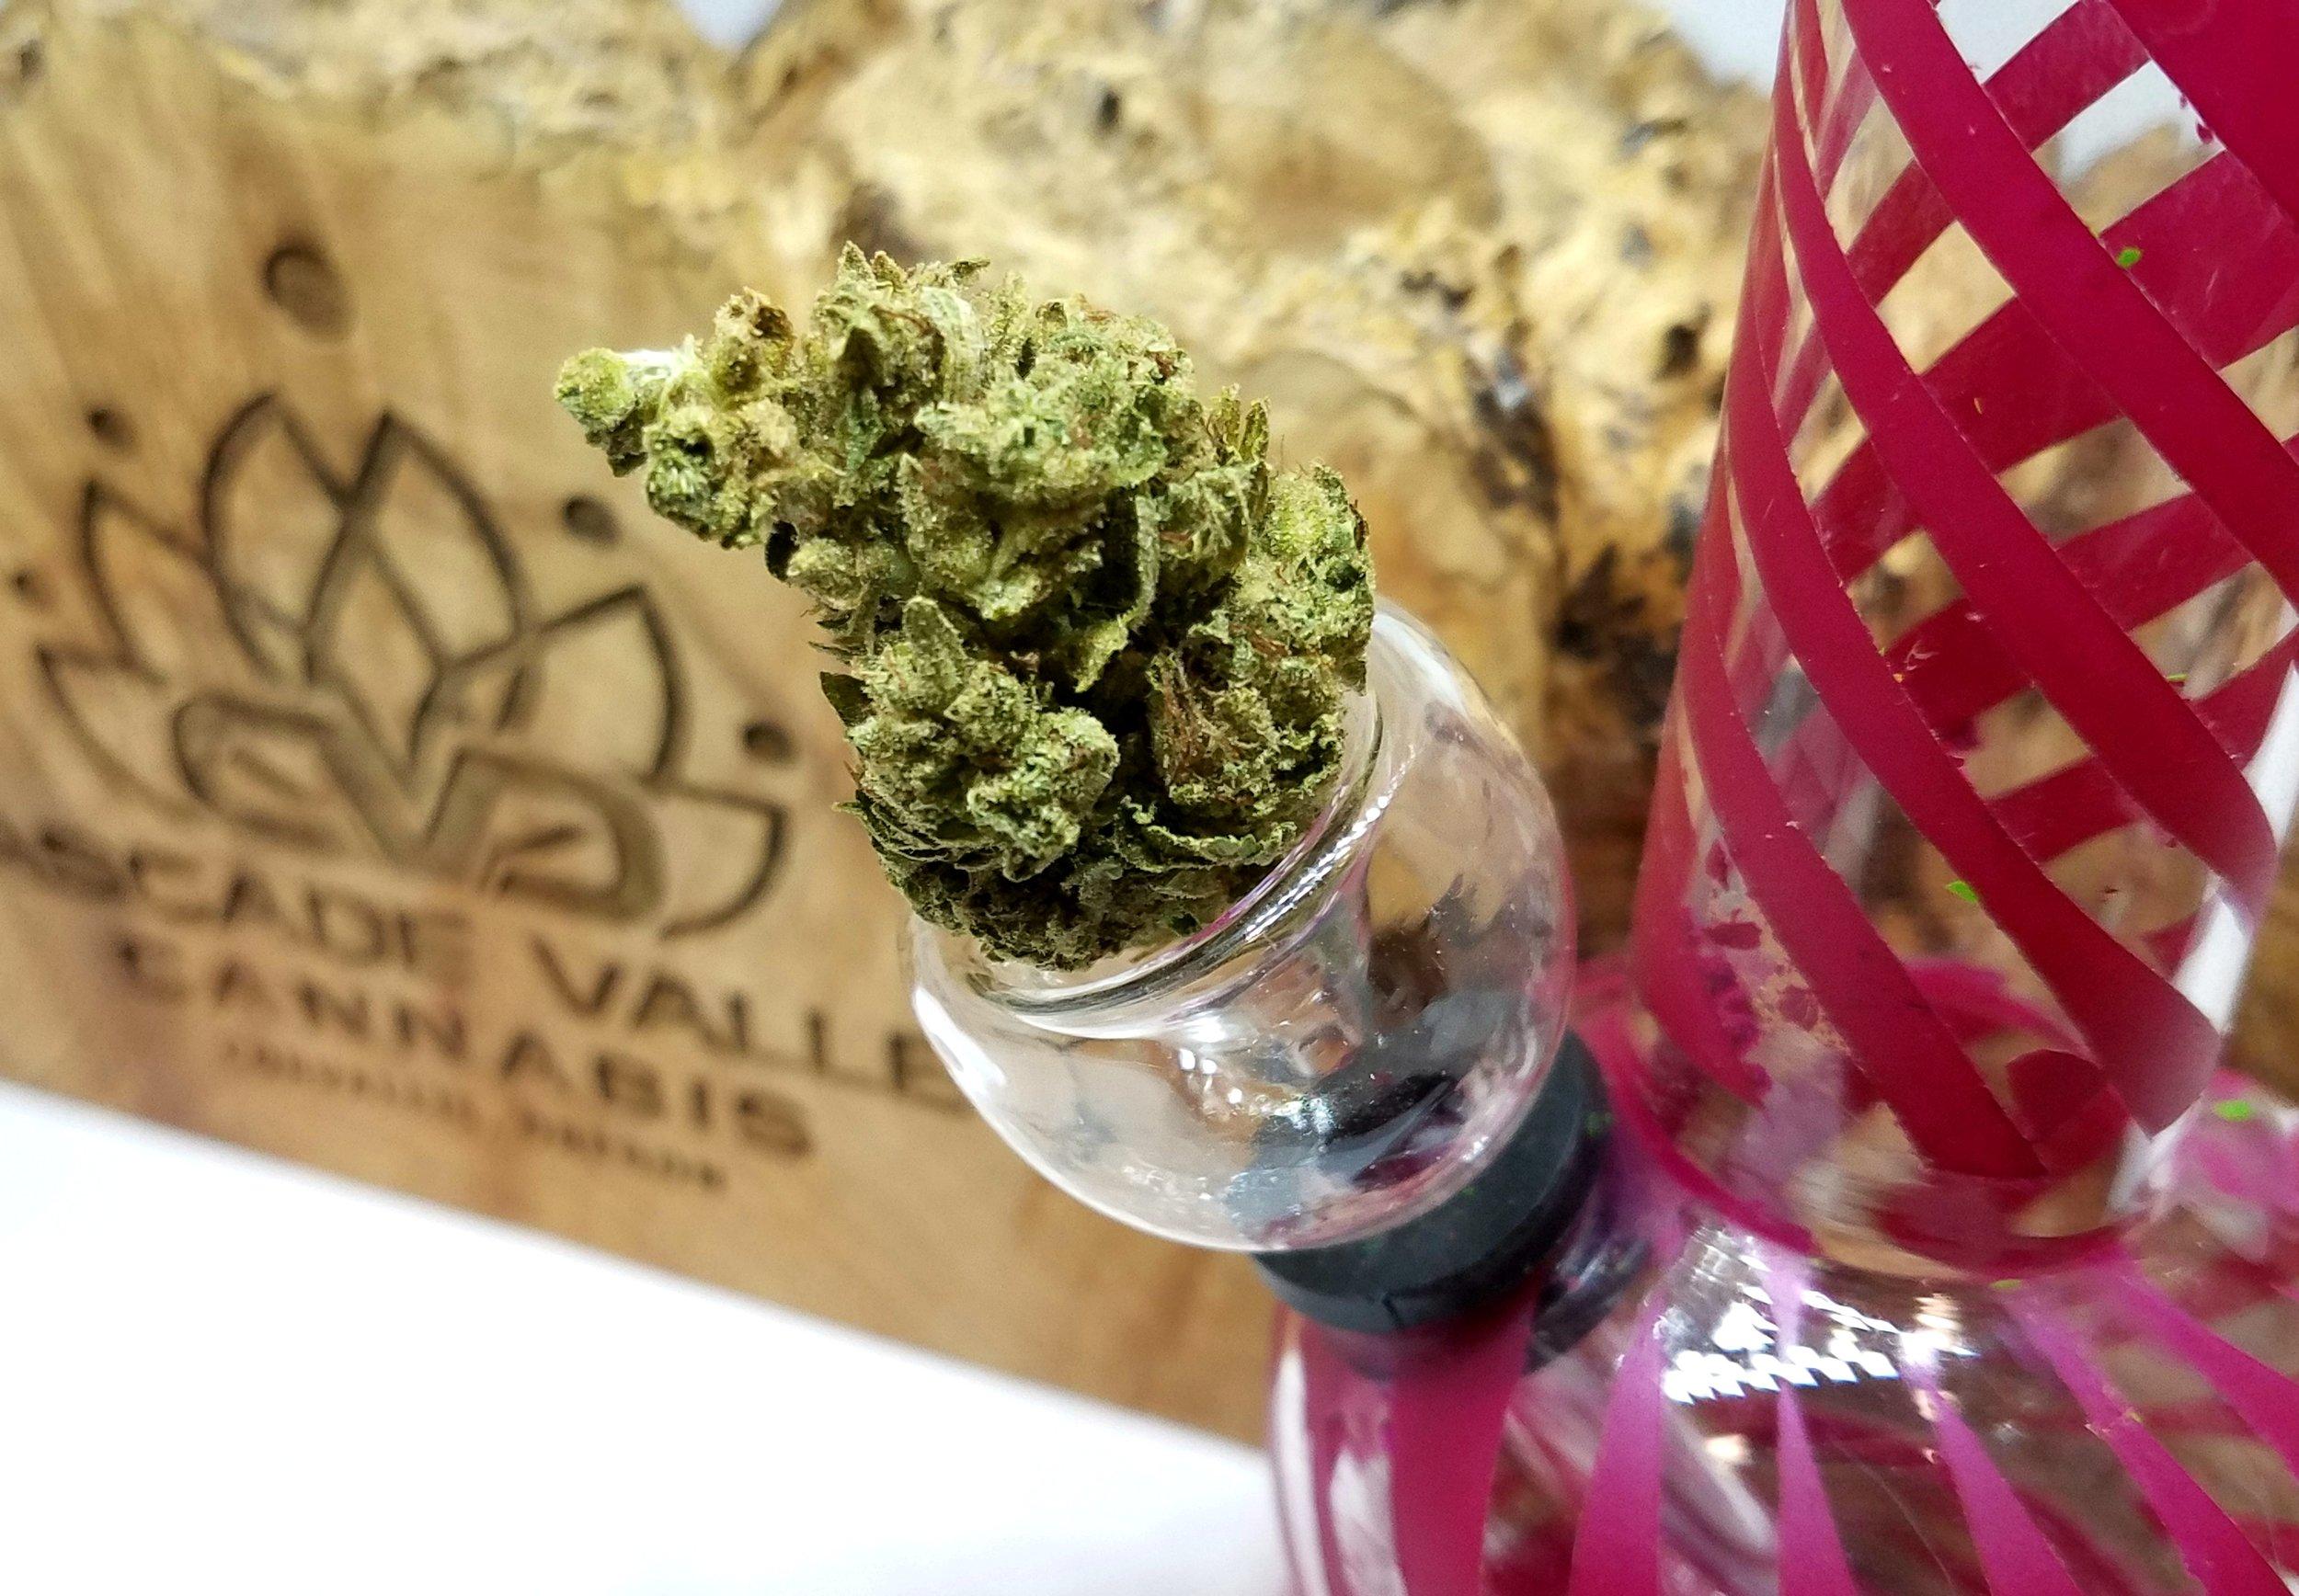 Trinidad OG grown by Cascade Valley Cannabis